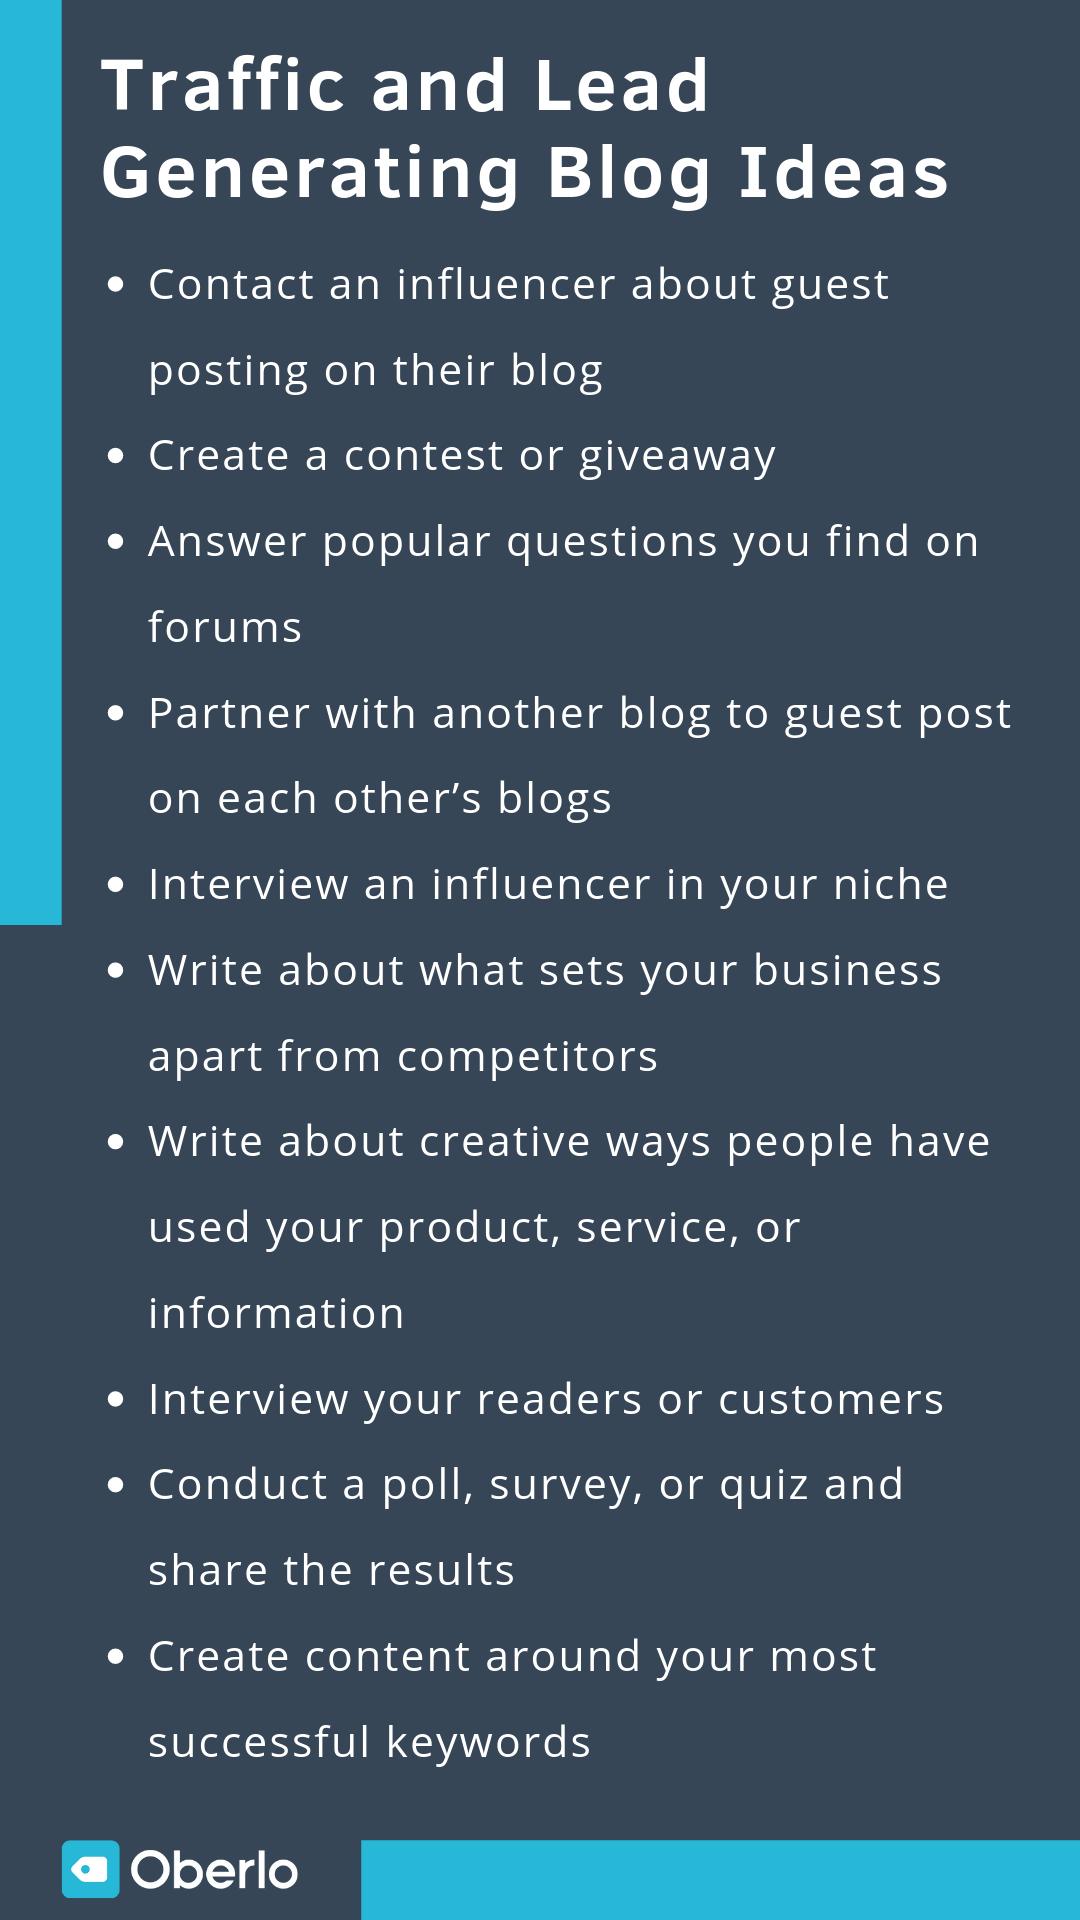 О чем вести блог: 101 неотразимая идея блога для привлечения аудитории